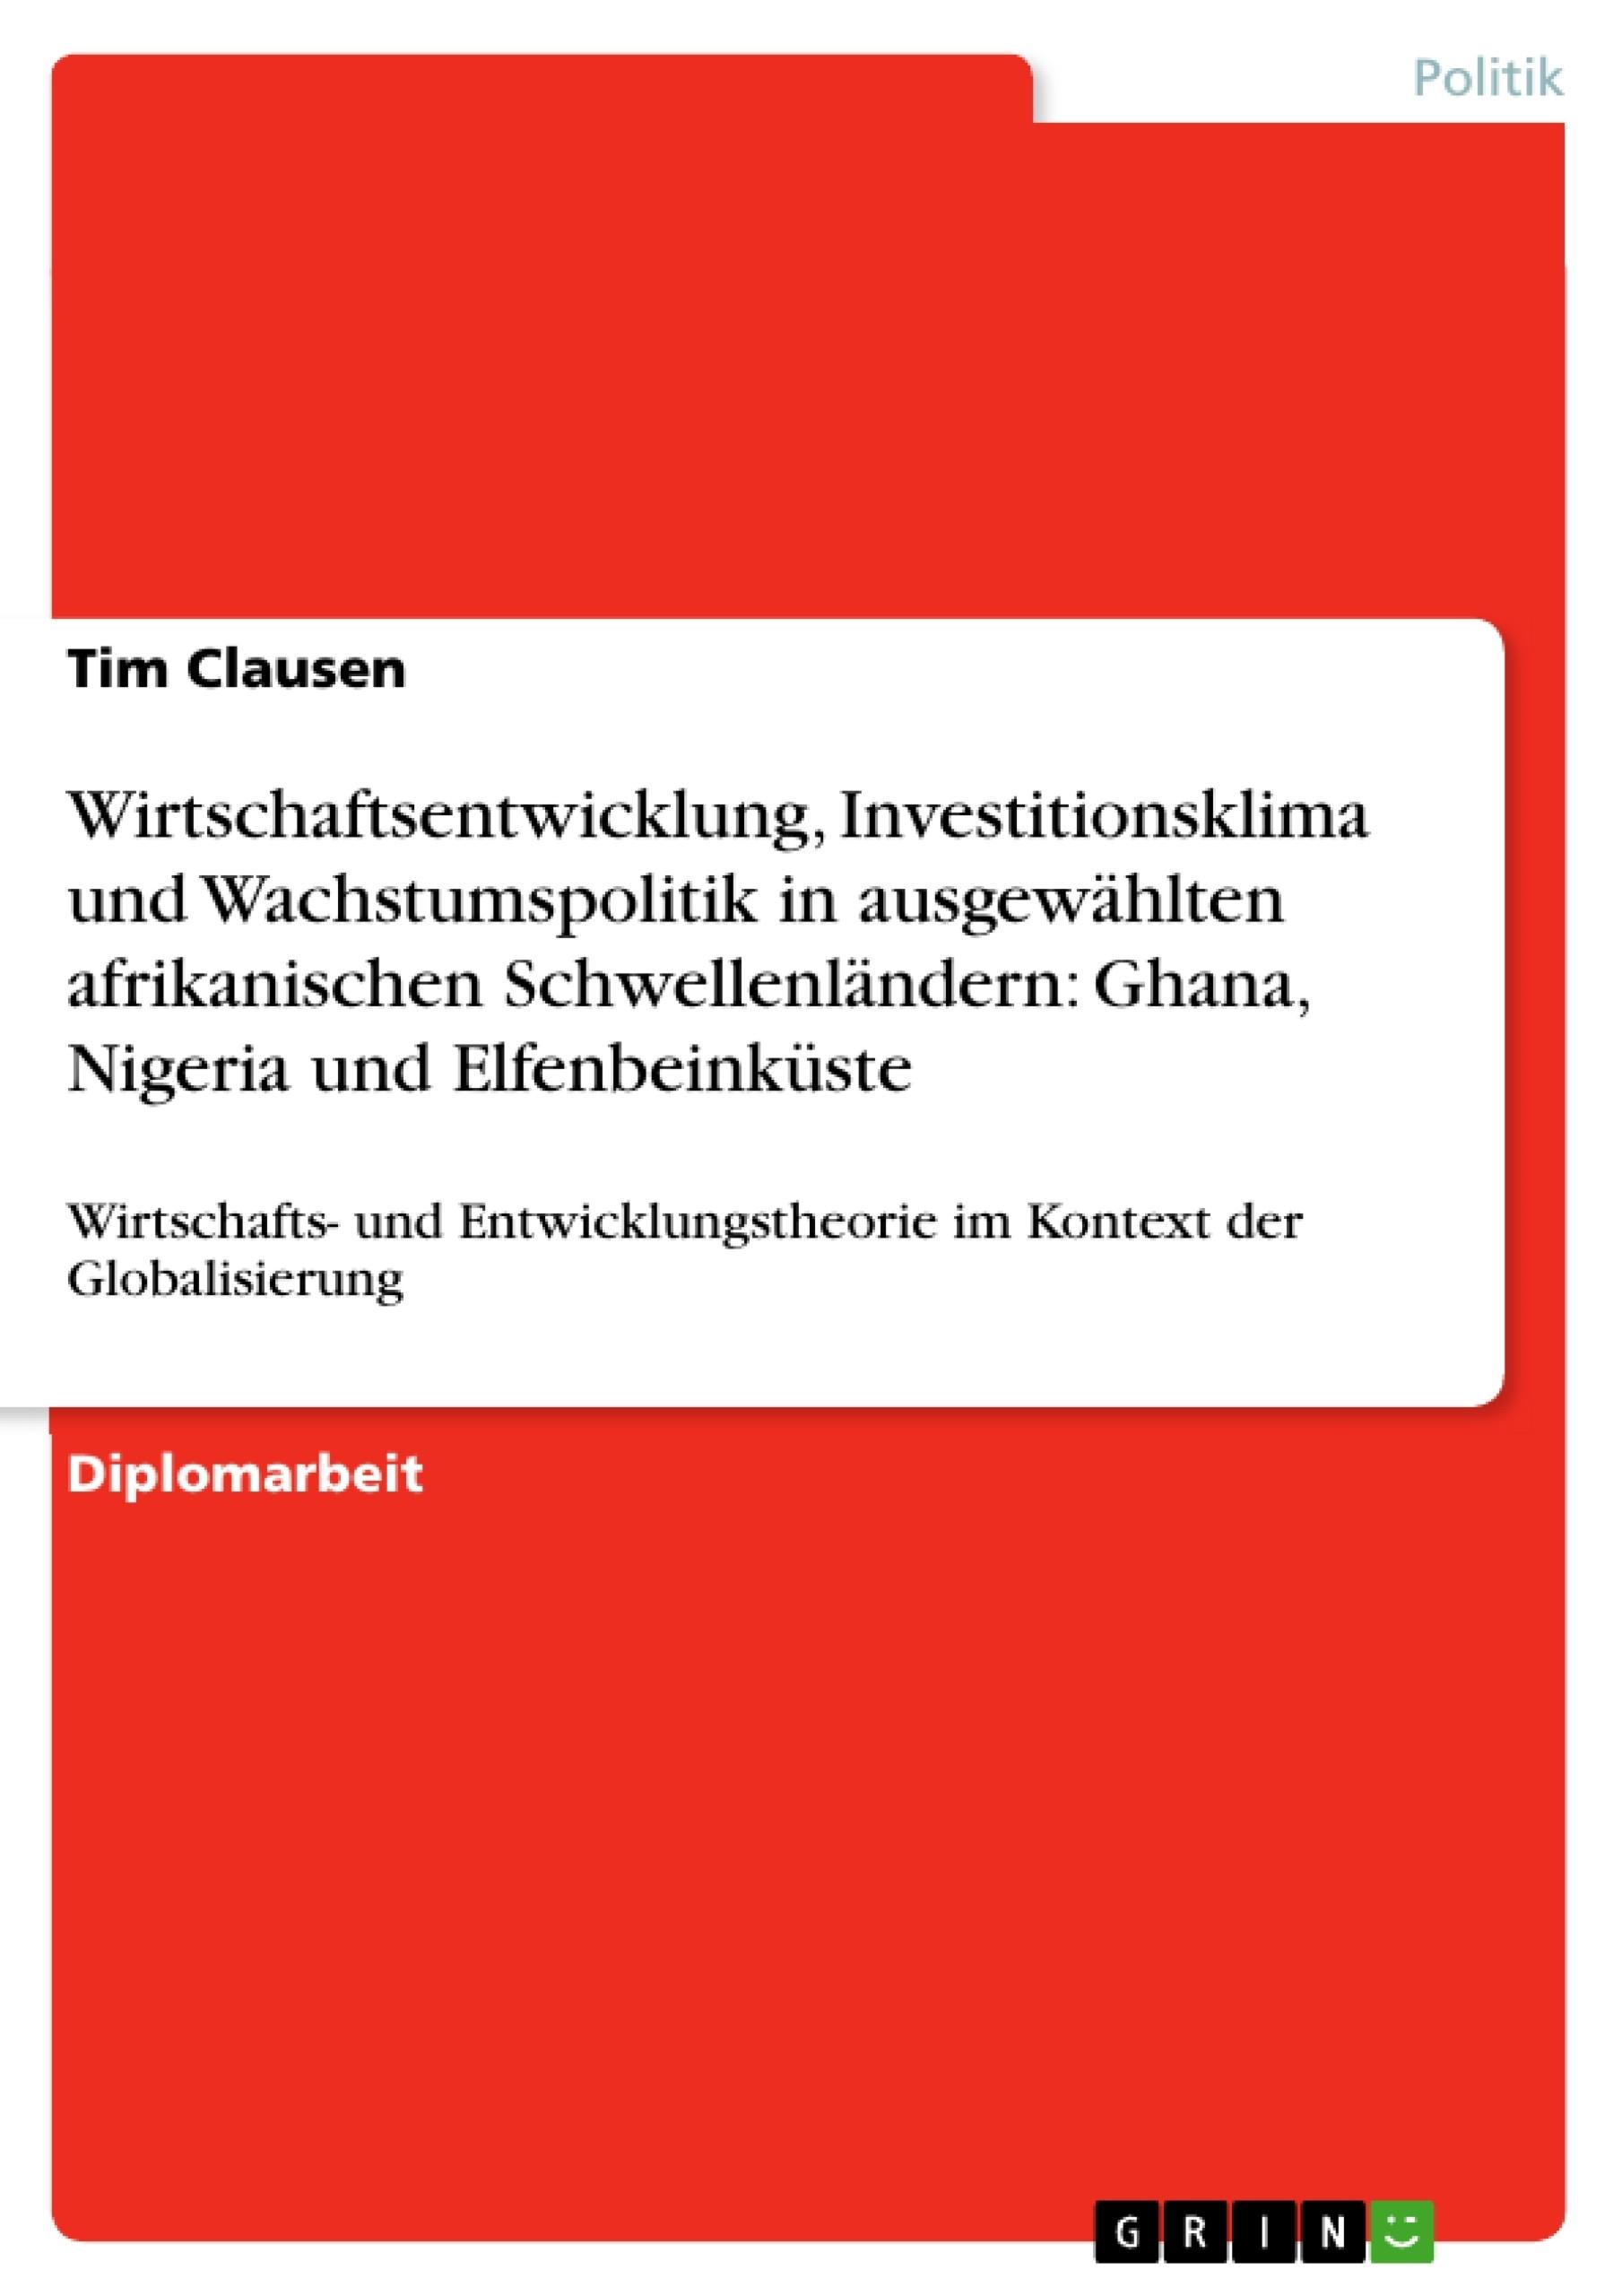 Titel: Wirtschaftsentwicklung, Investitionsklima und Wachstumspolitik in ausgewählten afrikanischen Schwellenländern: Ghana, Nigeria und Elfenbeinküste